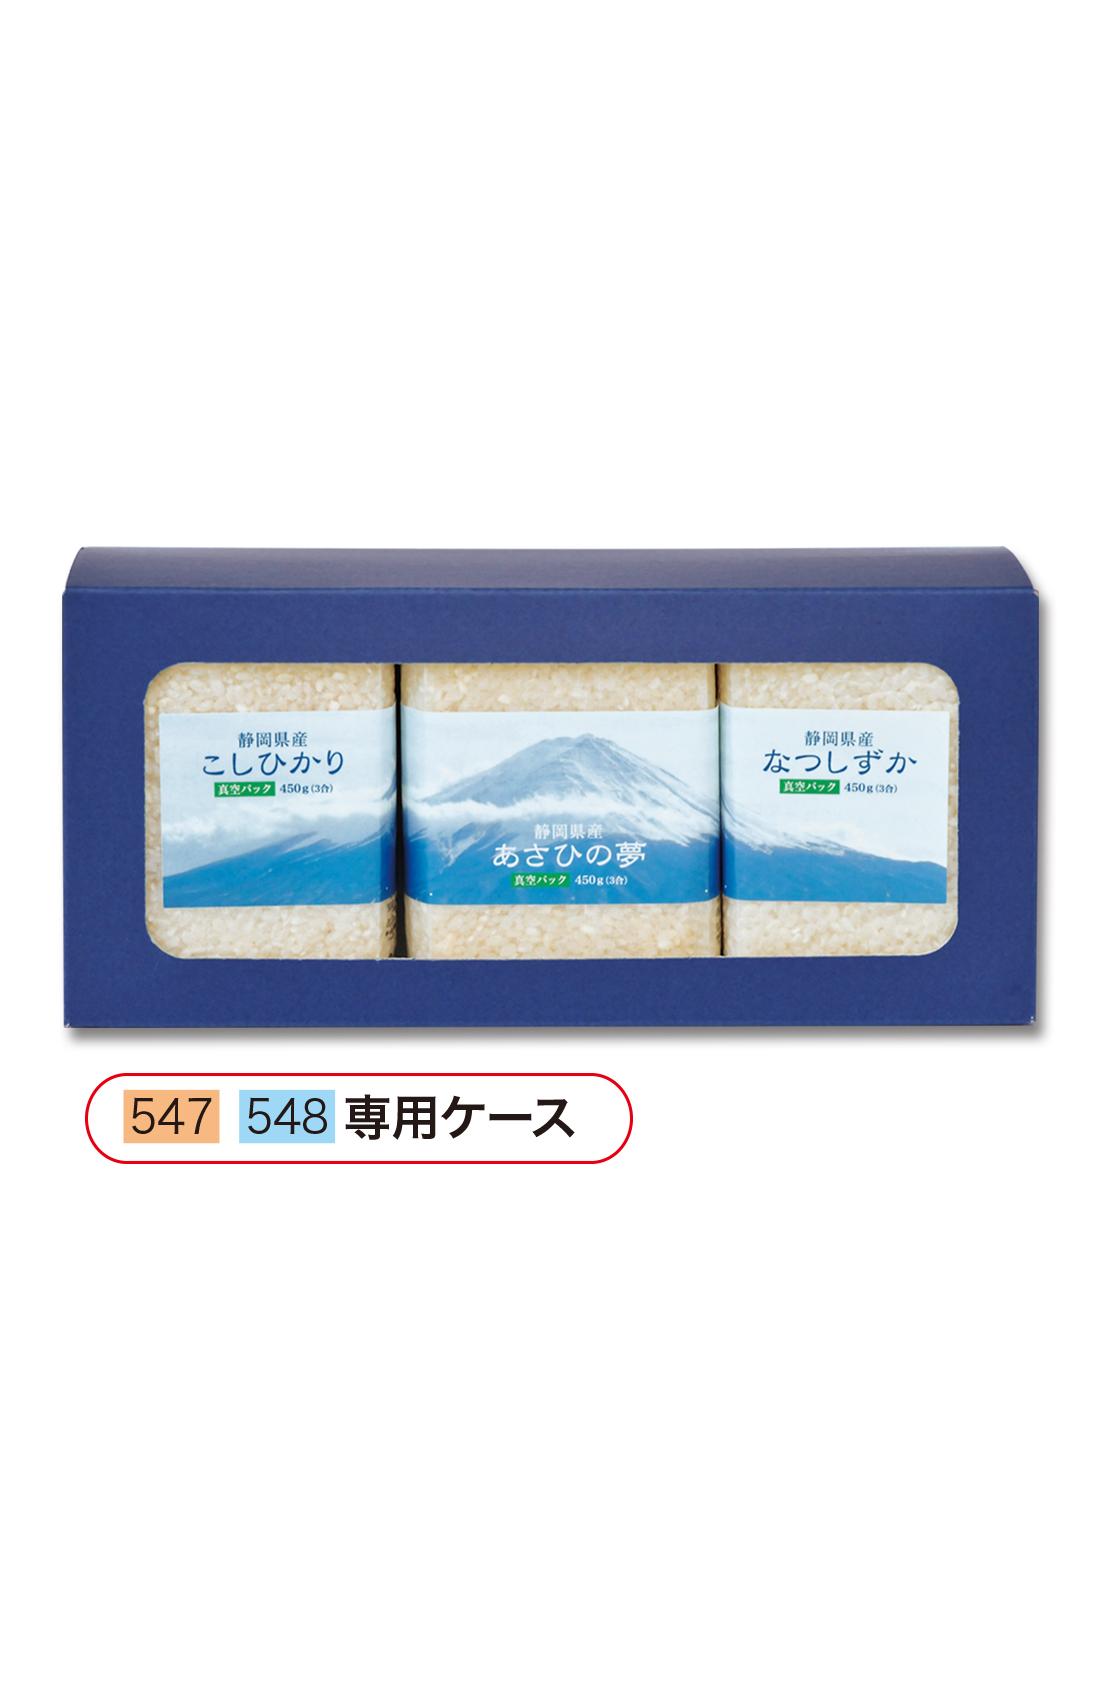 サイコロ型用 贈答ケース3合(450g)×3ヶ入